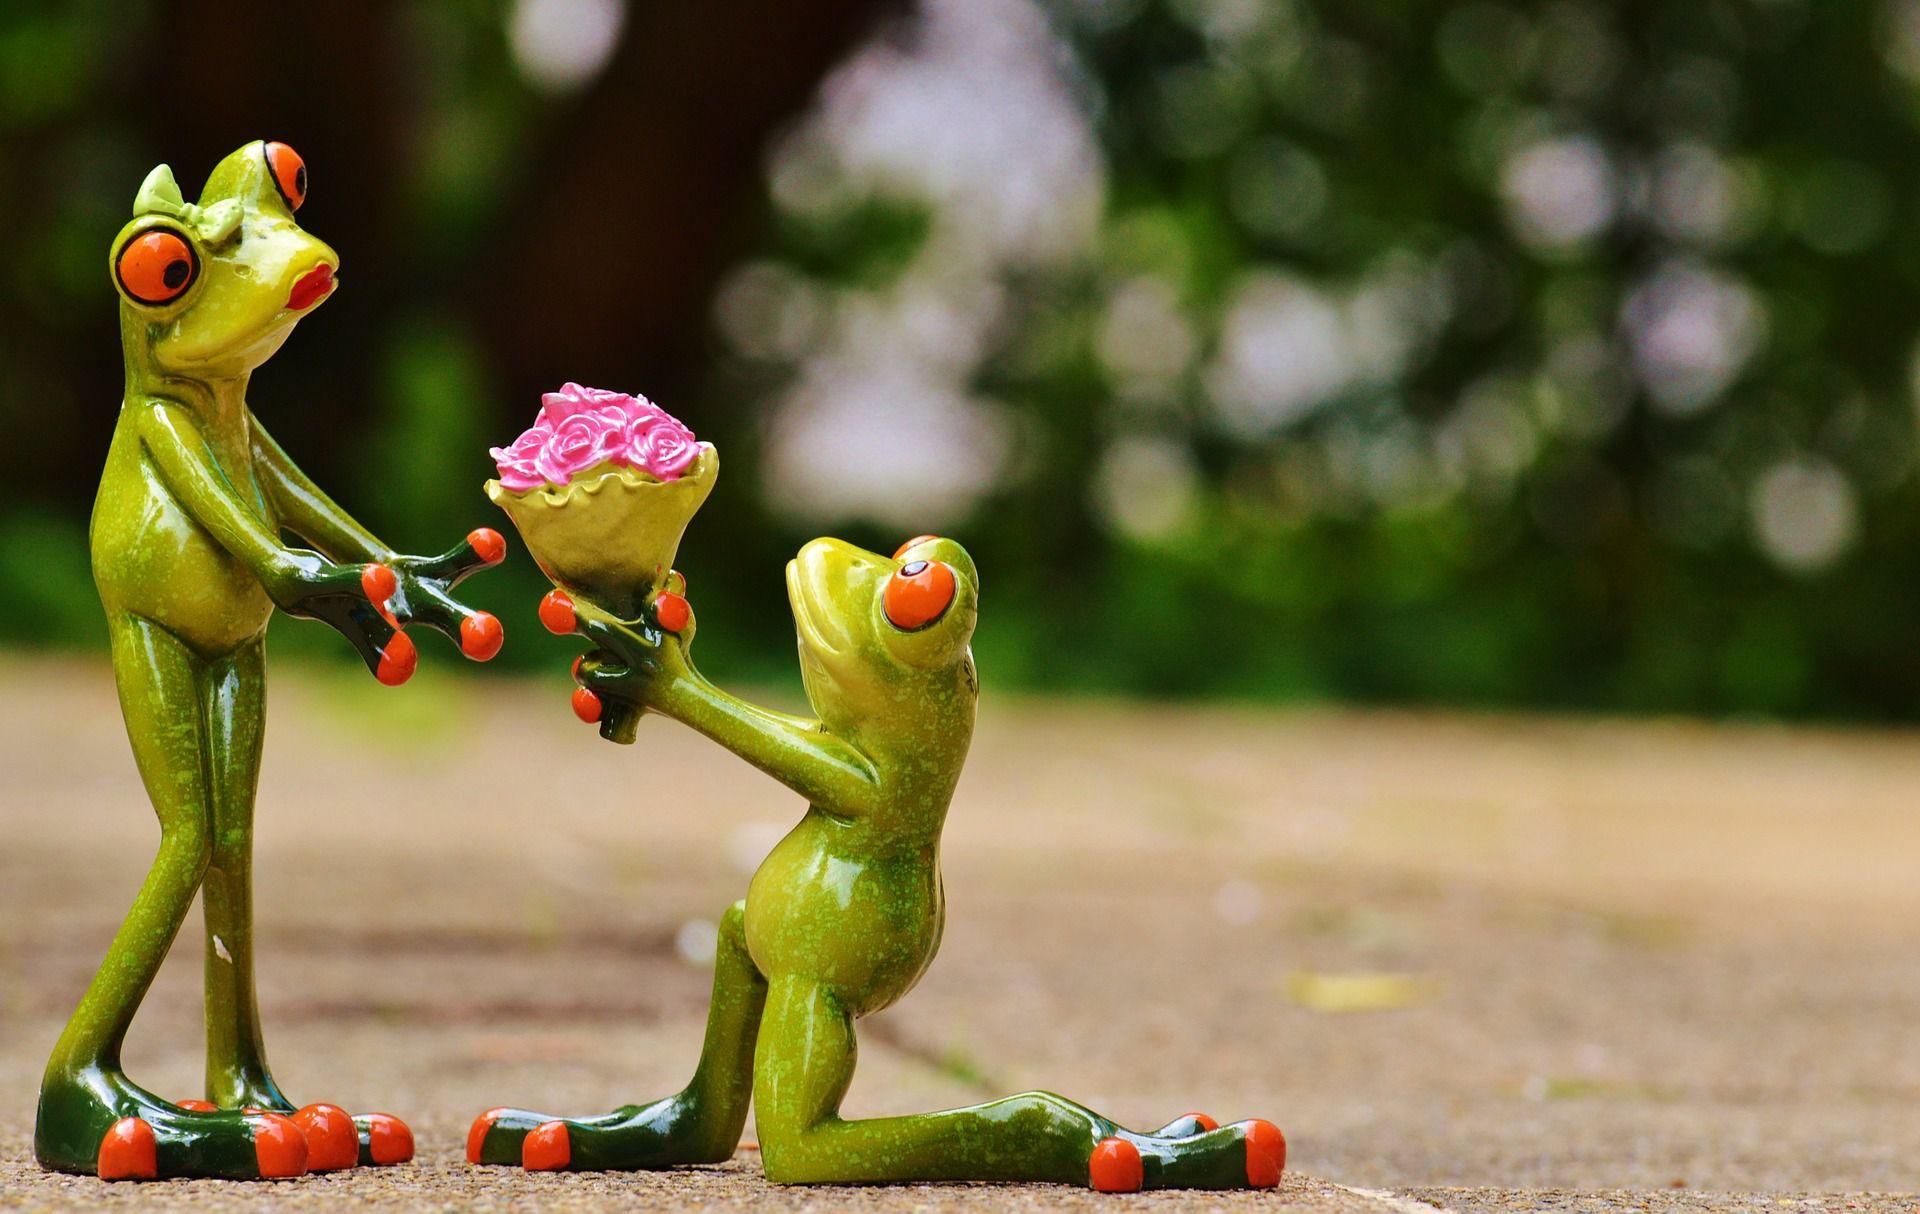 Anniversaire de mariage quel cadeau offrir votre femme - Quoi donner en cadeau pour des noces d or ...